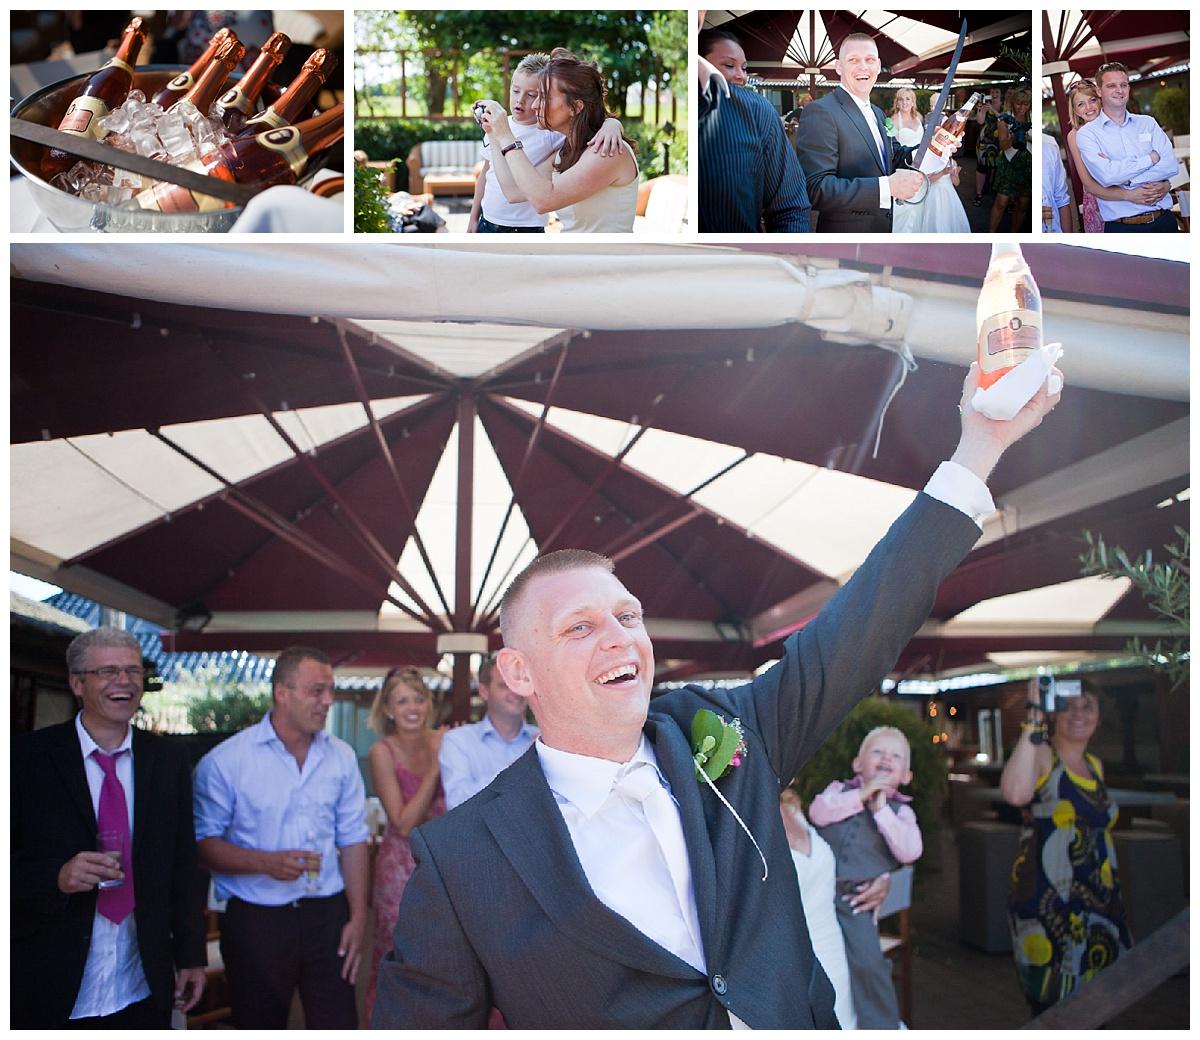 trouwshoot-bruidsfotografie-trouwfoto-feestfotografie-trouwreportage-Alex en Evelyn542.jpg